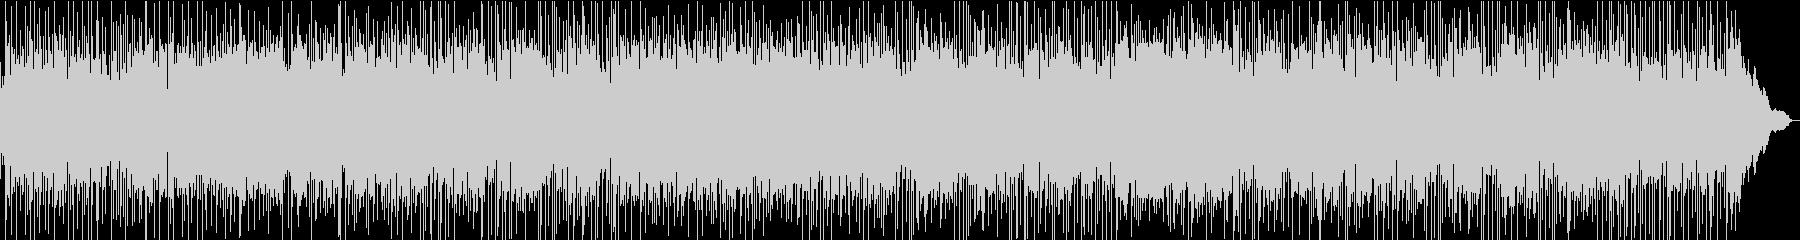 70sサウンド満載アメリカンシティポップの未再生の波形